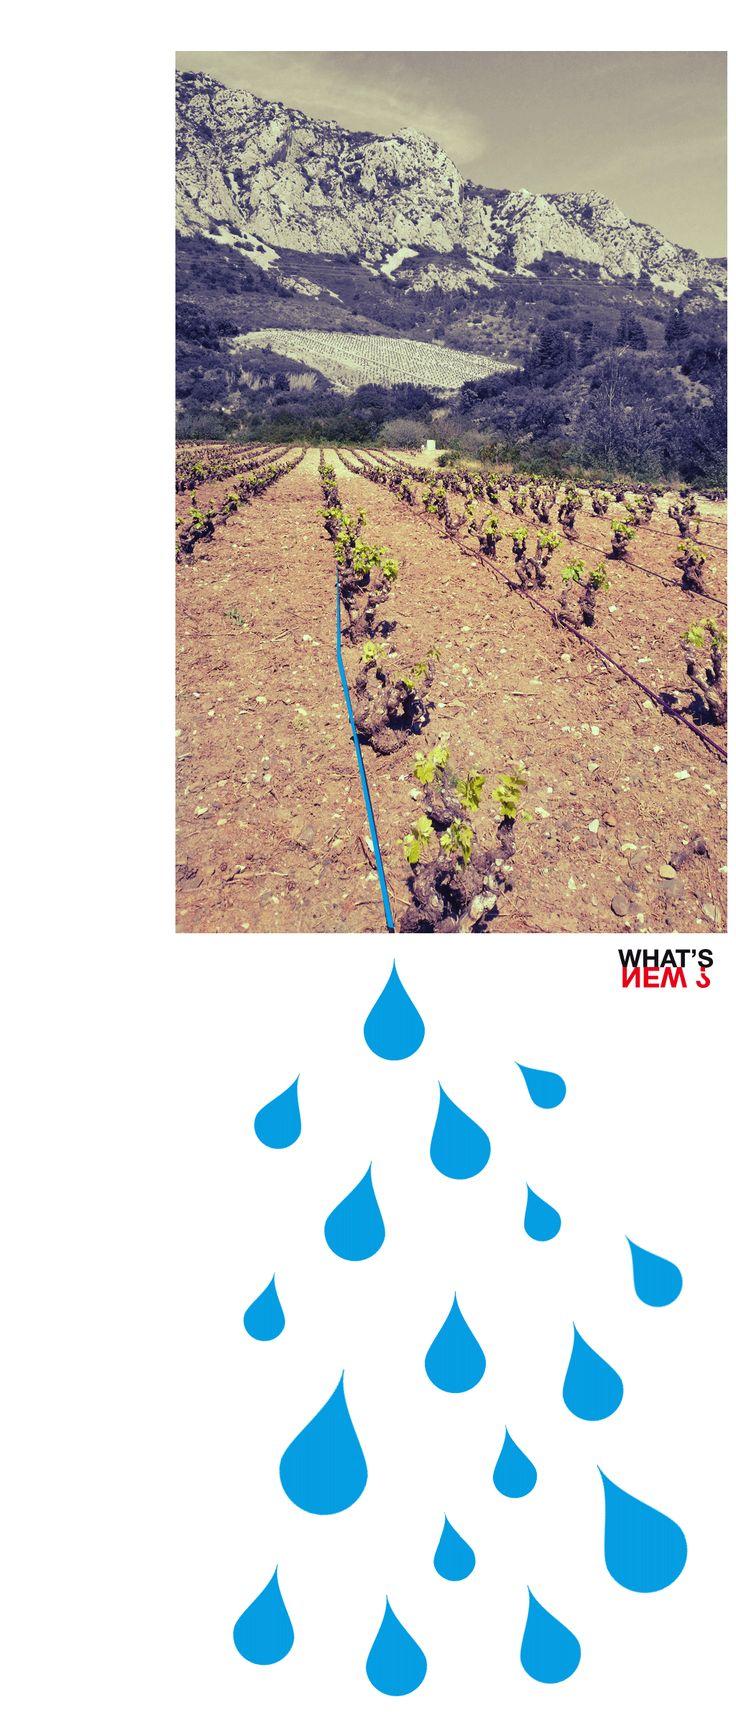 WN JUIN 2014 - Irrigation au Mas Janeil - Graphisme & Developpement Chloé VEYSSET & Matthieu HARQUIN